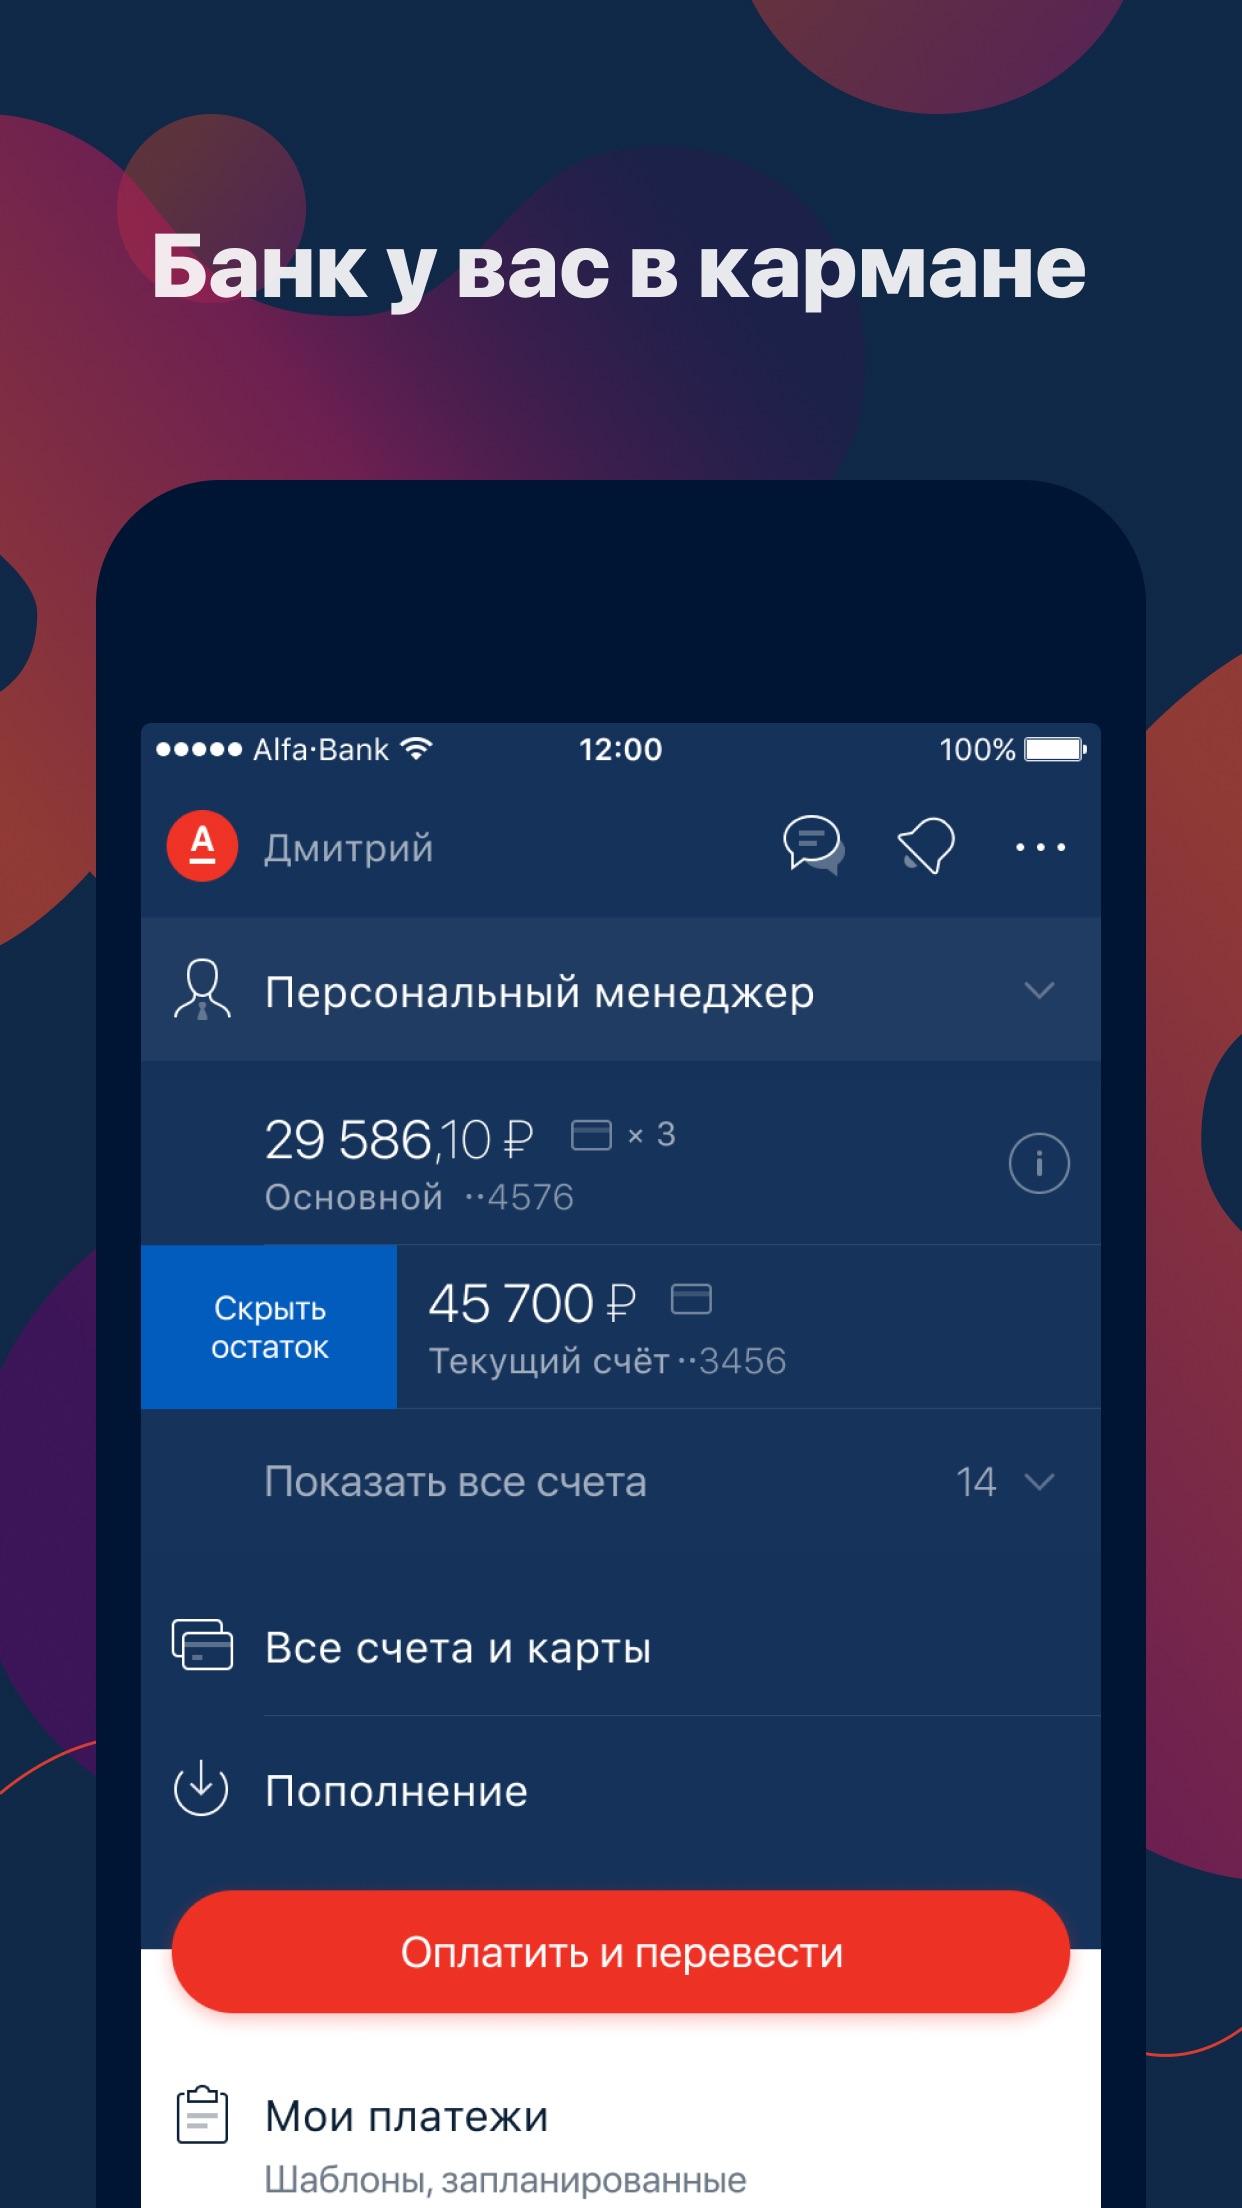 Альфа-Банк Screenshot